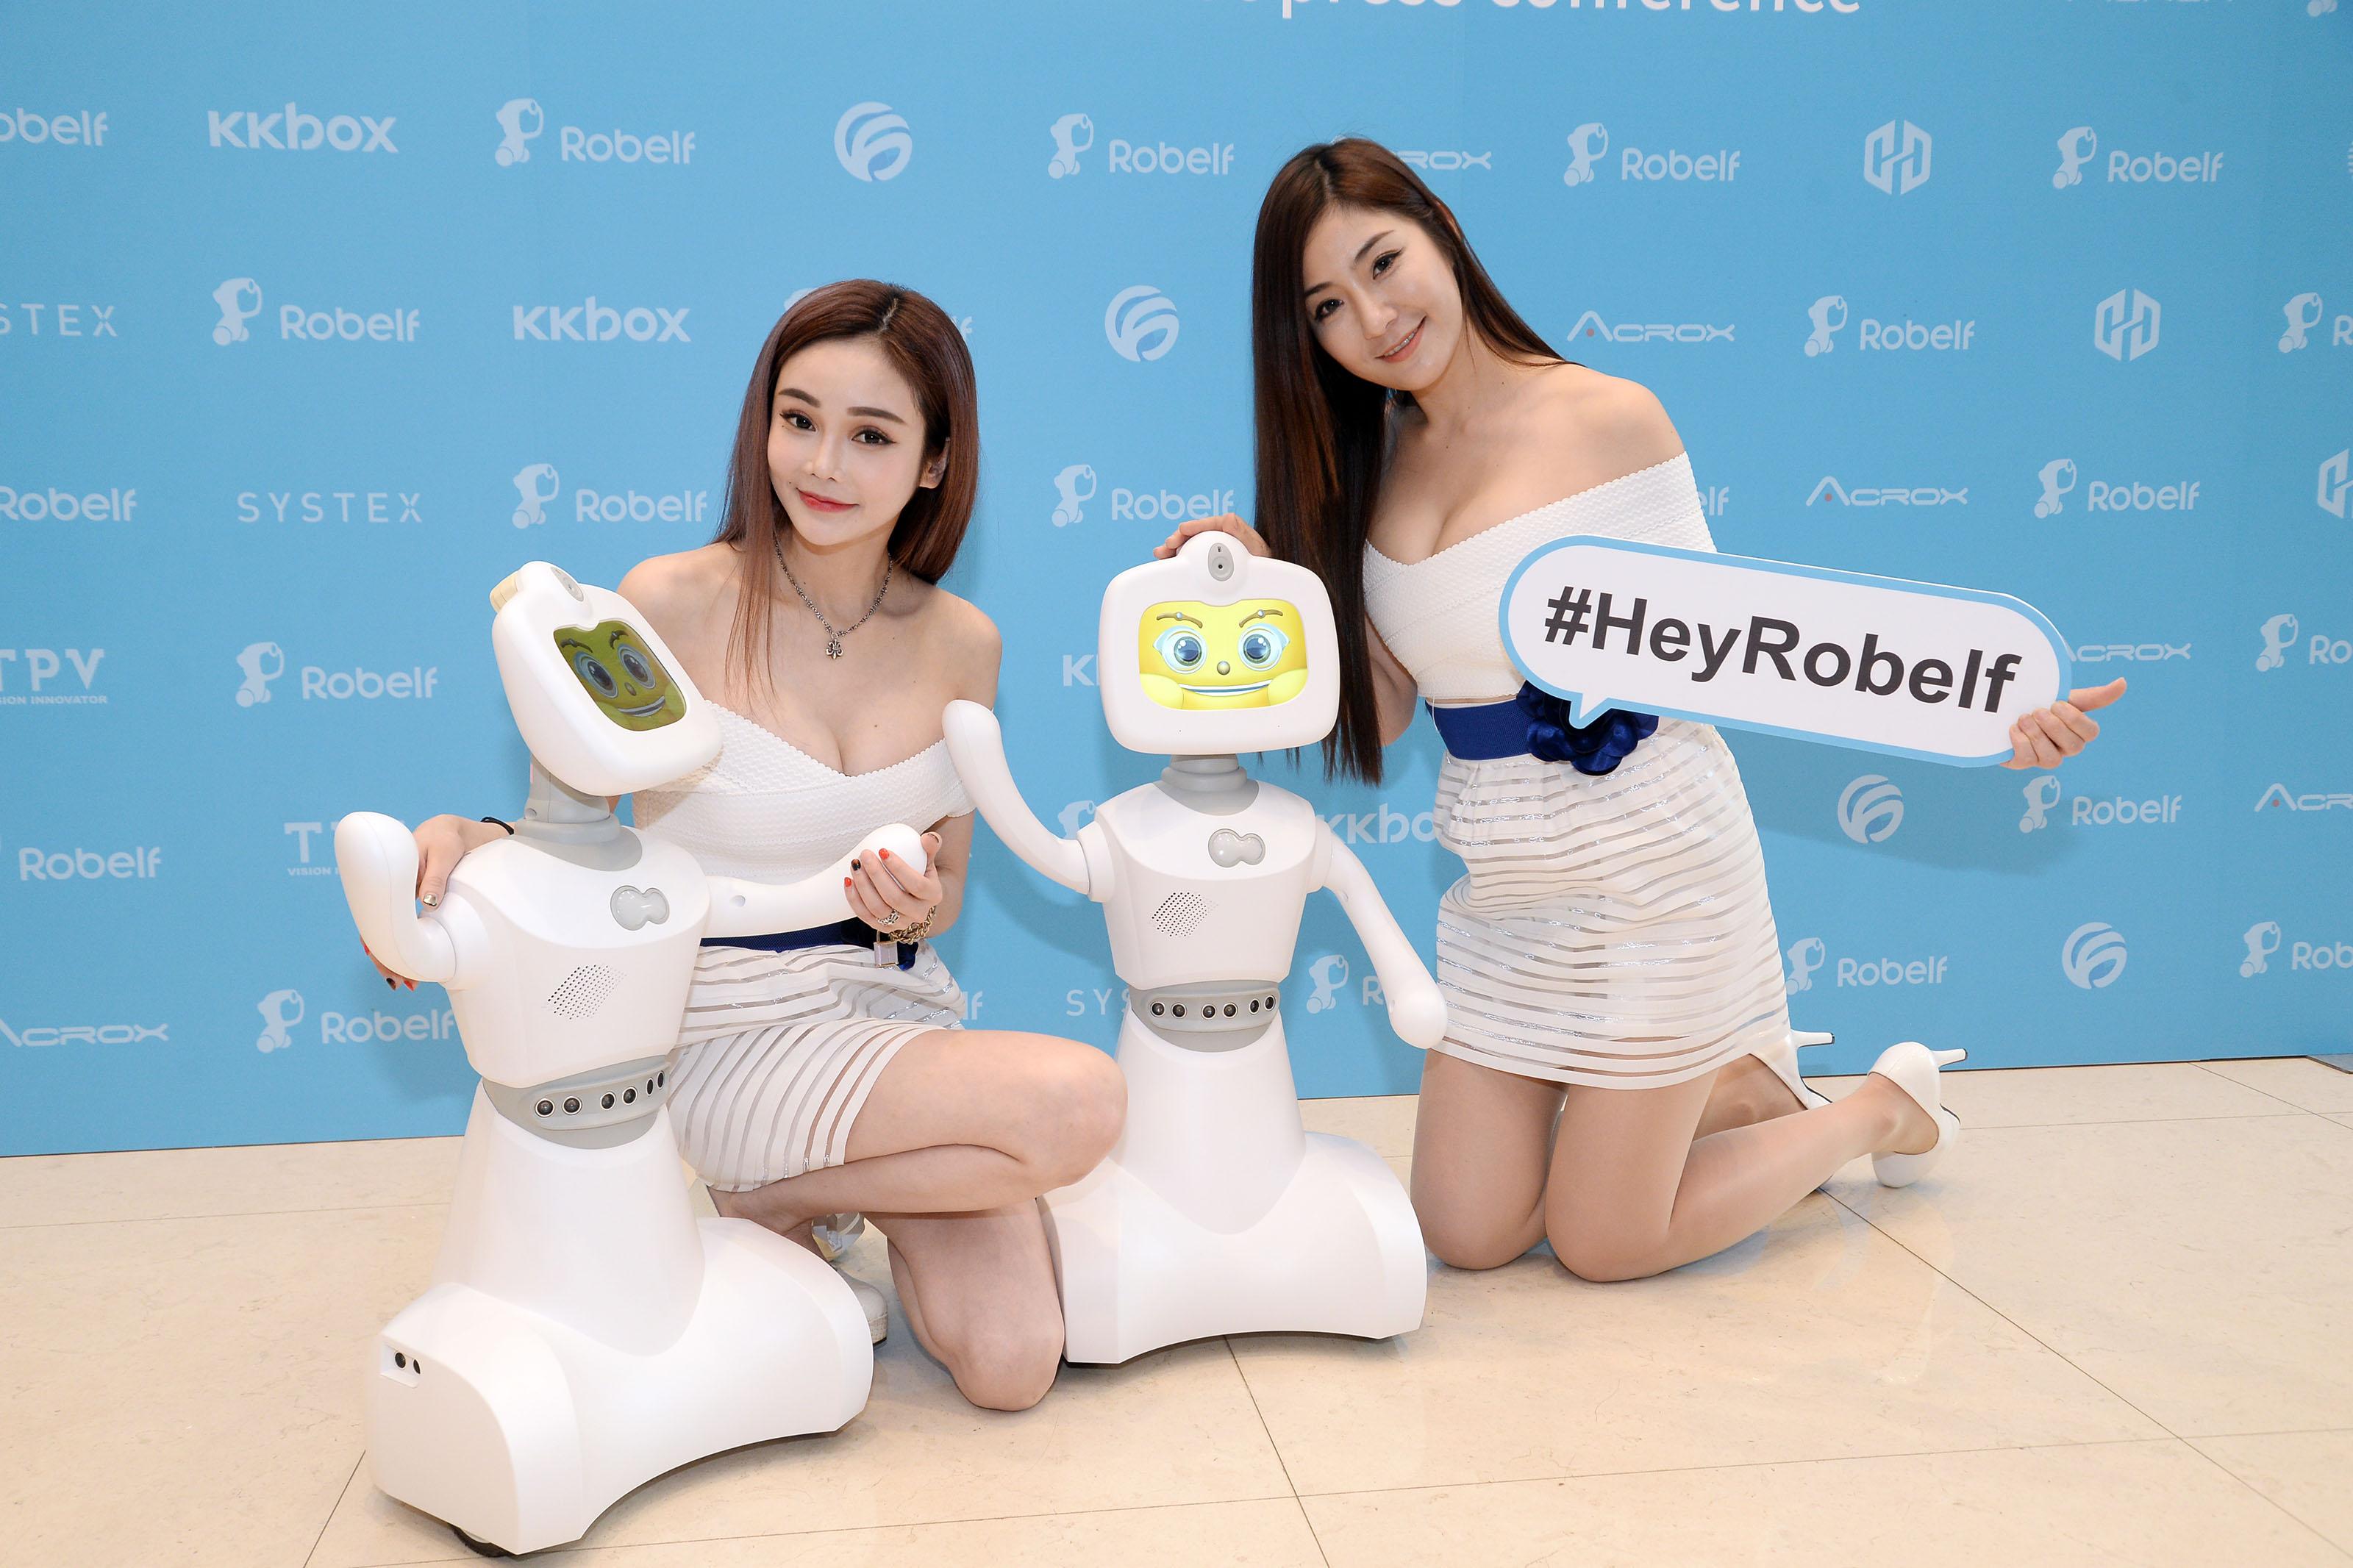 真正商用、家用人工智能機械人? Robelf 機械人 6 月量產上市